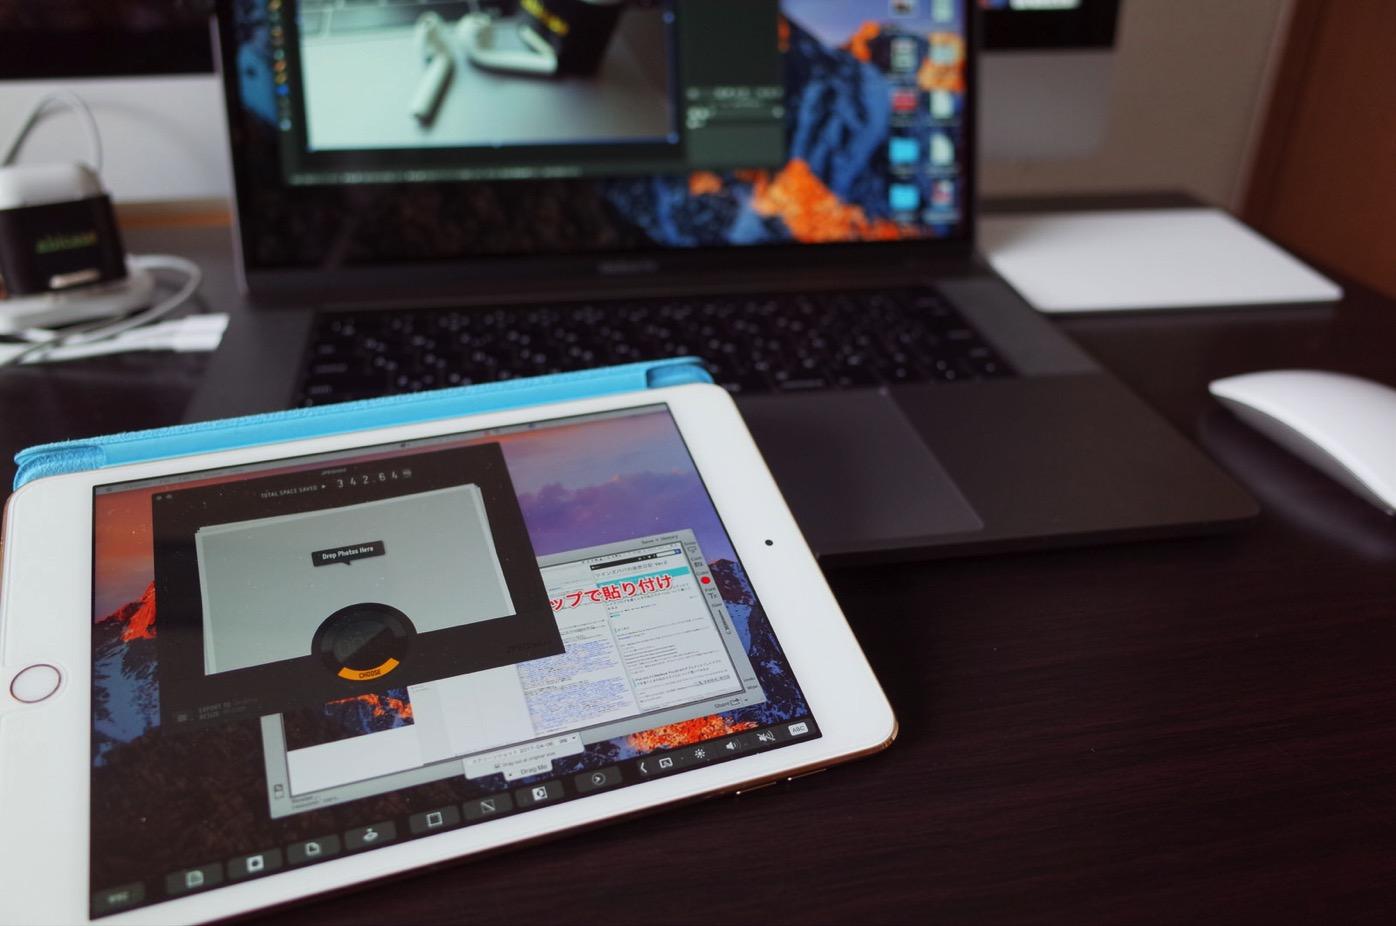 [Mac] Touch Barも使える「MacBook Pro 2016 + iPad mini 4」ダブルディスプレイで動画を撮ってみたよ